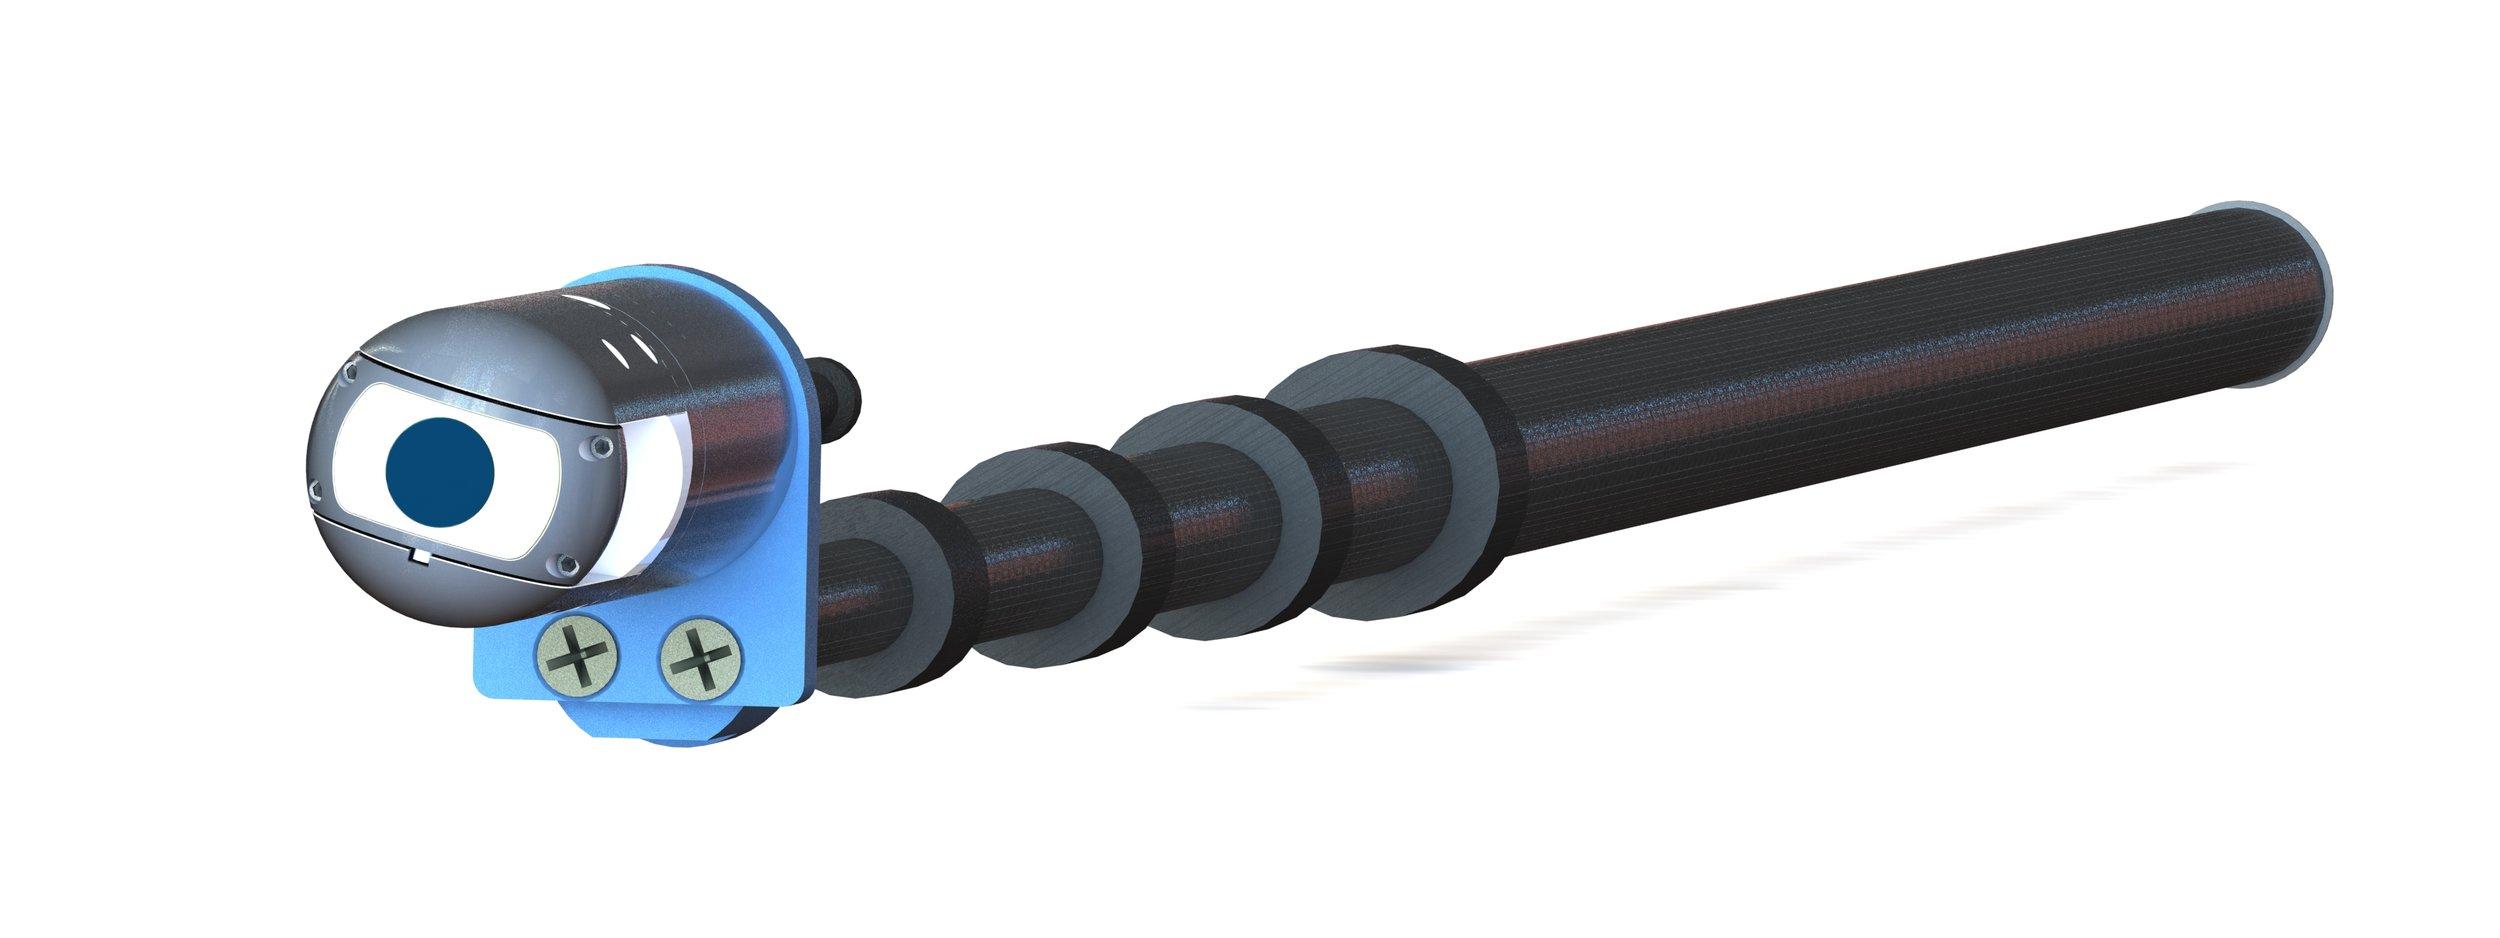 Inuktun Pole Cameras